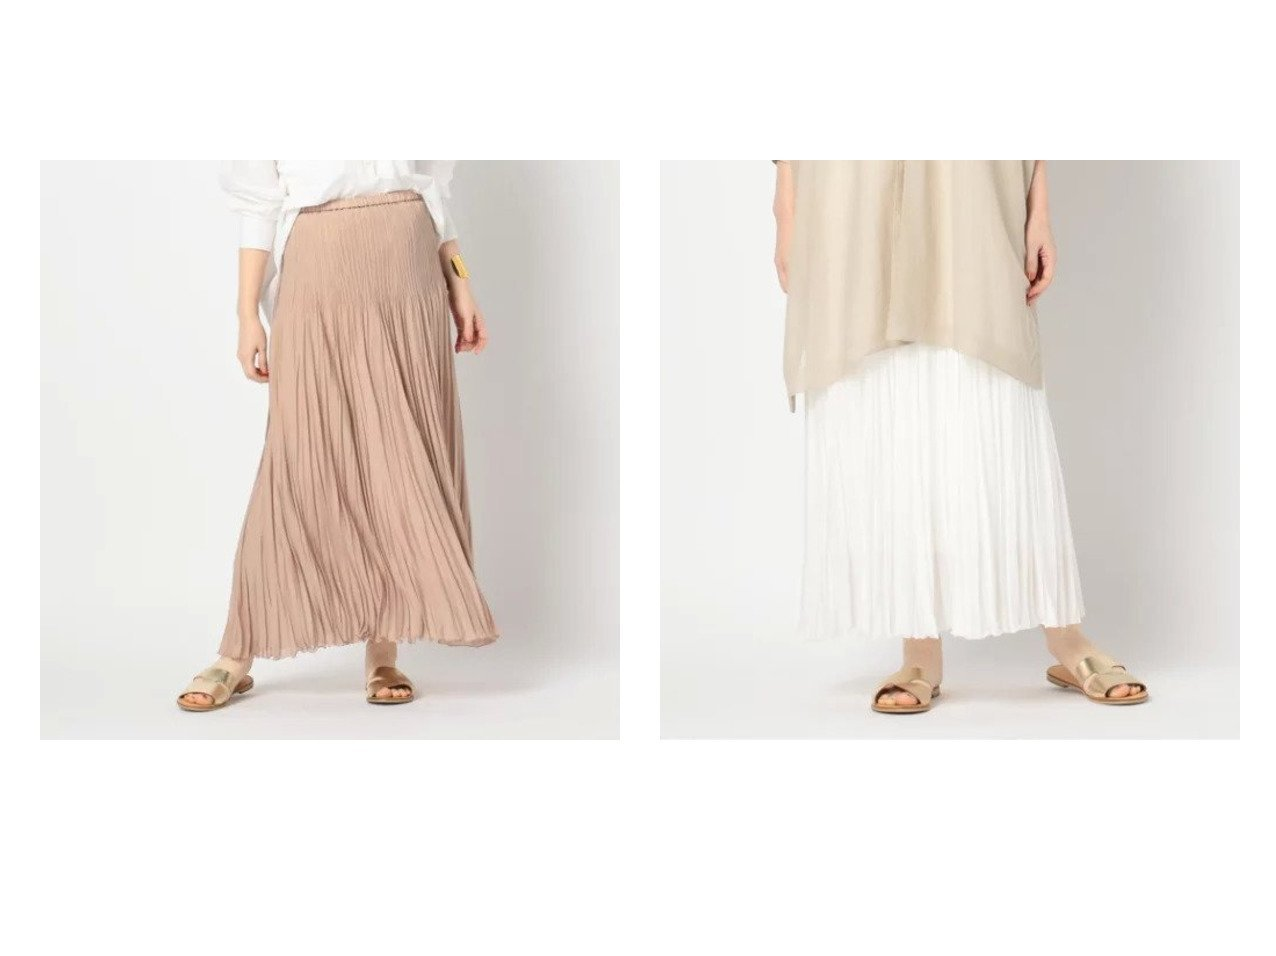 【NOLLEY'S/ノーリーズ】の【アダワス】プリーツロング スカートのおすすめ!人気、トレンド・レディースファッションの通販 おすすめで人気の流行・トレンド、ファッションの通販商品 メンズファッション・キッズファッション・インテリア・家具・レディースファッション・服の通販 founy(ファニー) https://founy.com/ ファッション Fashion レディースファッション WOMEN スカート Skirt エアリー コレクション サンダル シューズ フレア プリーツ マキシ ロング おすすめ Recommend |ID:crp329100000023893